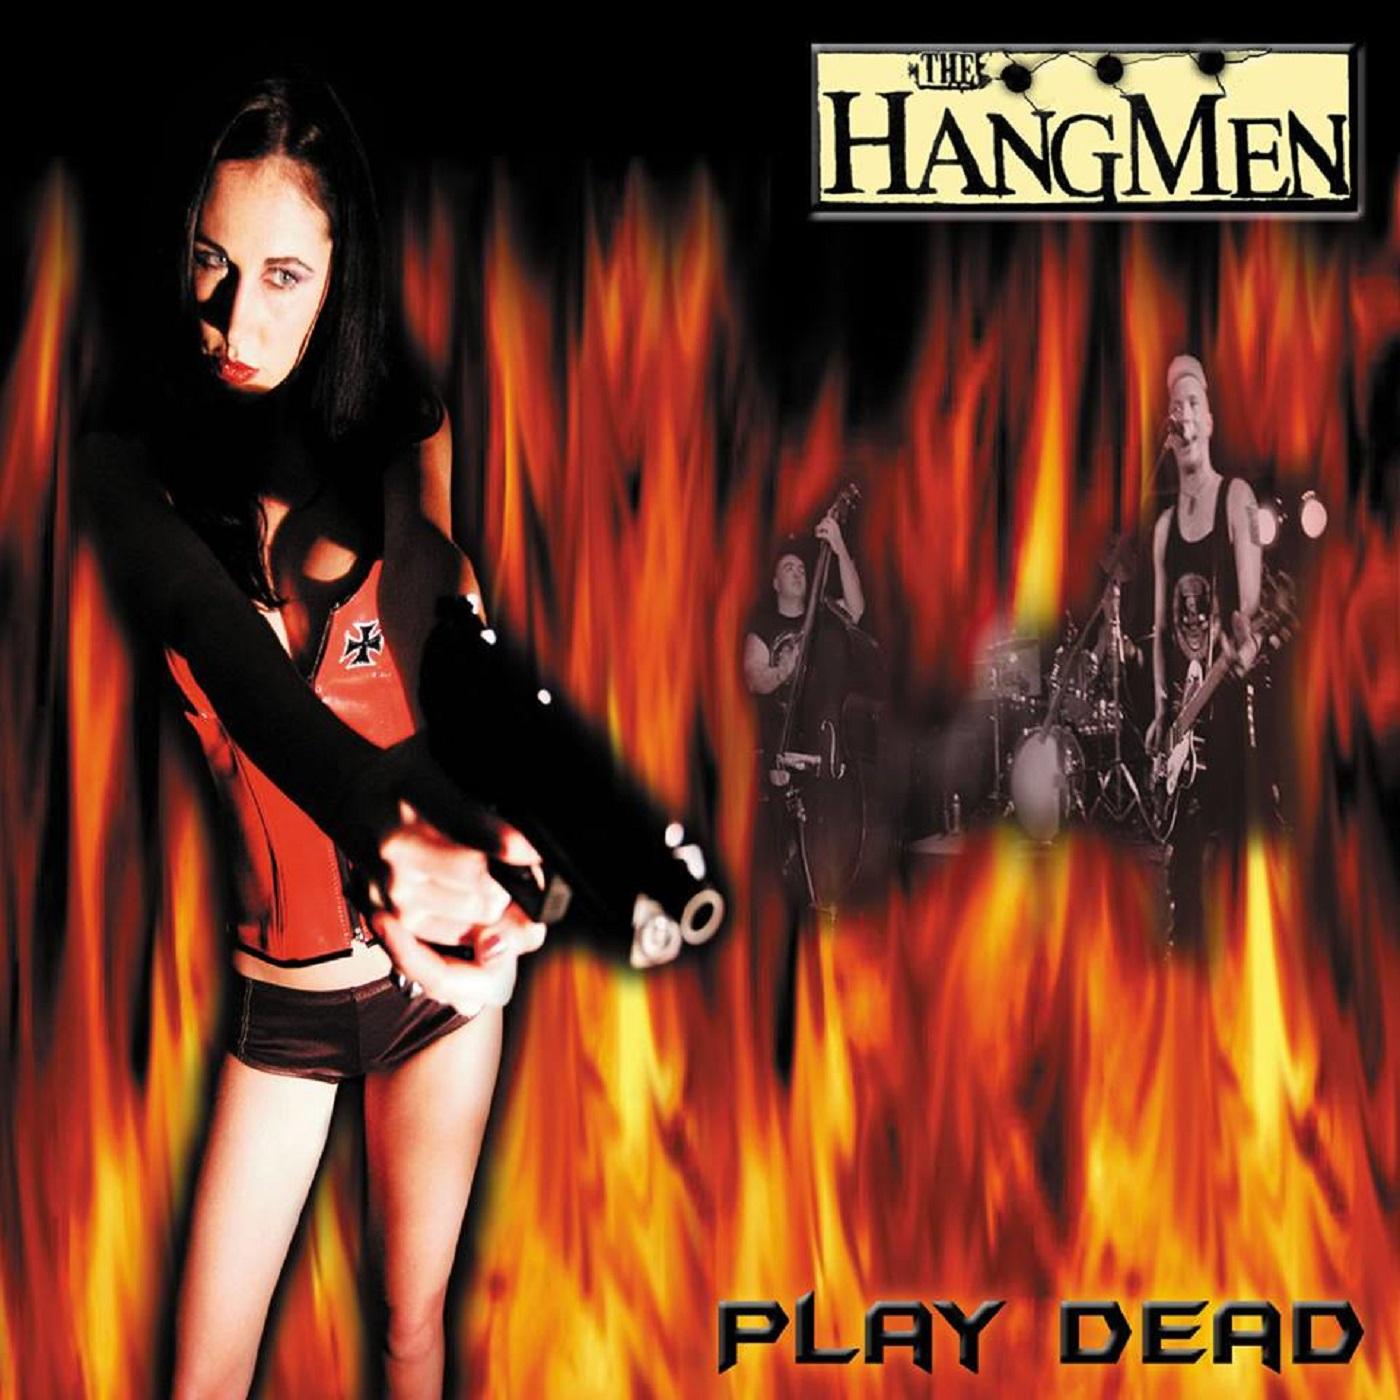 Play Dead - Full Album Download - The Hangmen